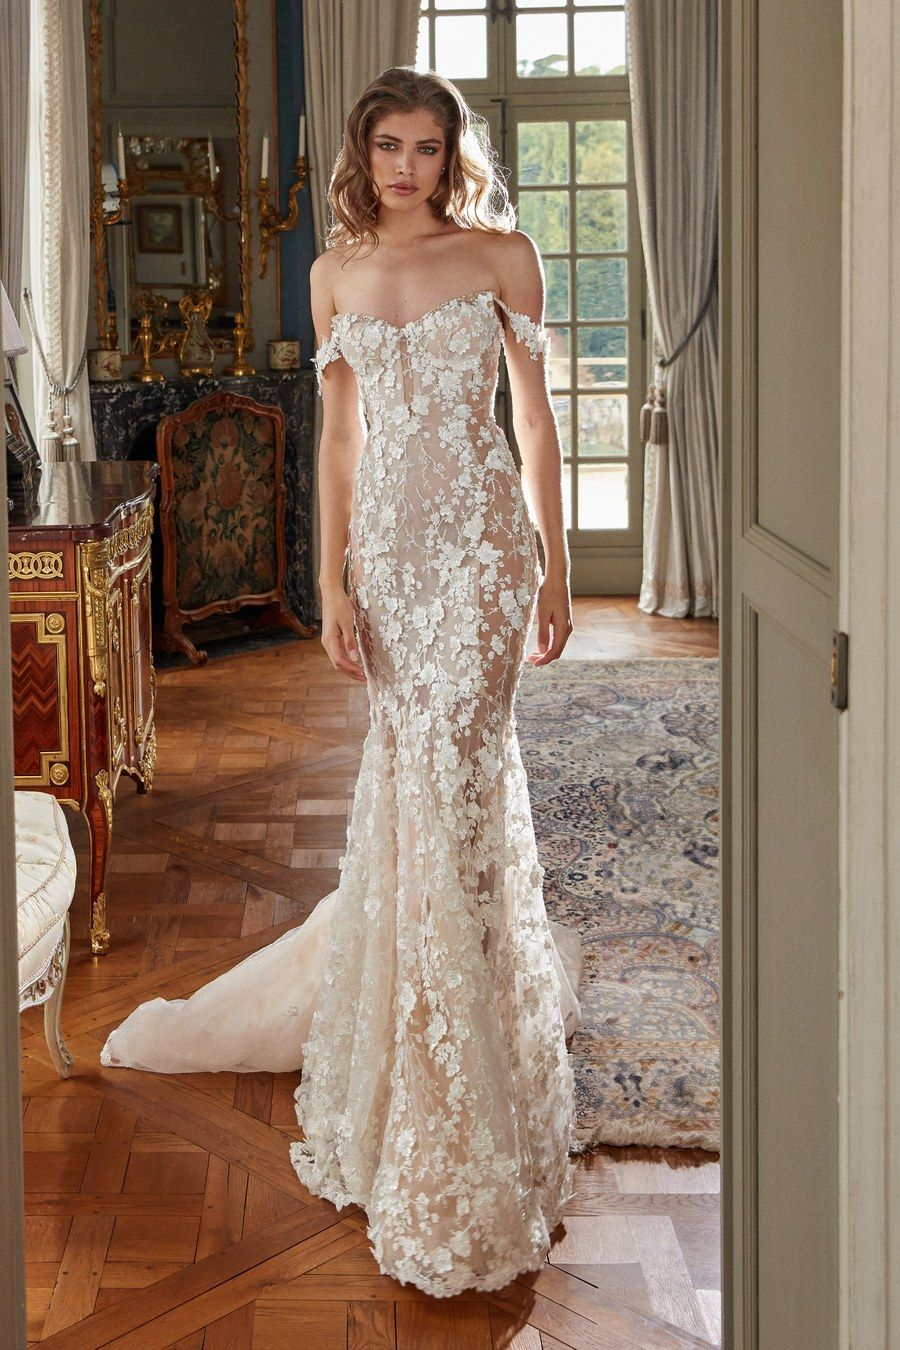 Galia Lahav Bridal Fall 2020 Fashion Show Petite Wedding Dress Sheer Wedding Dress Galia Lahav Wedding Dress [ 1350 x 900 Pixel ]